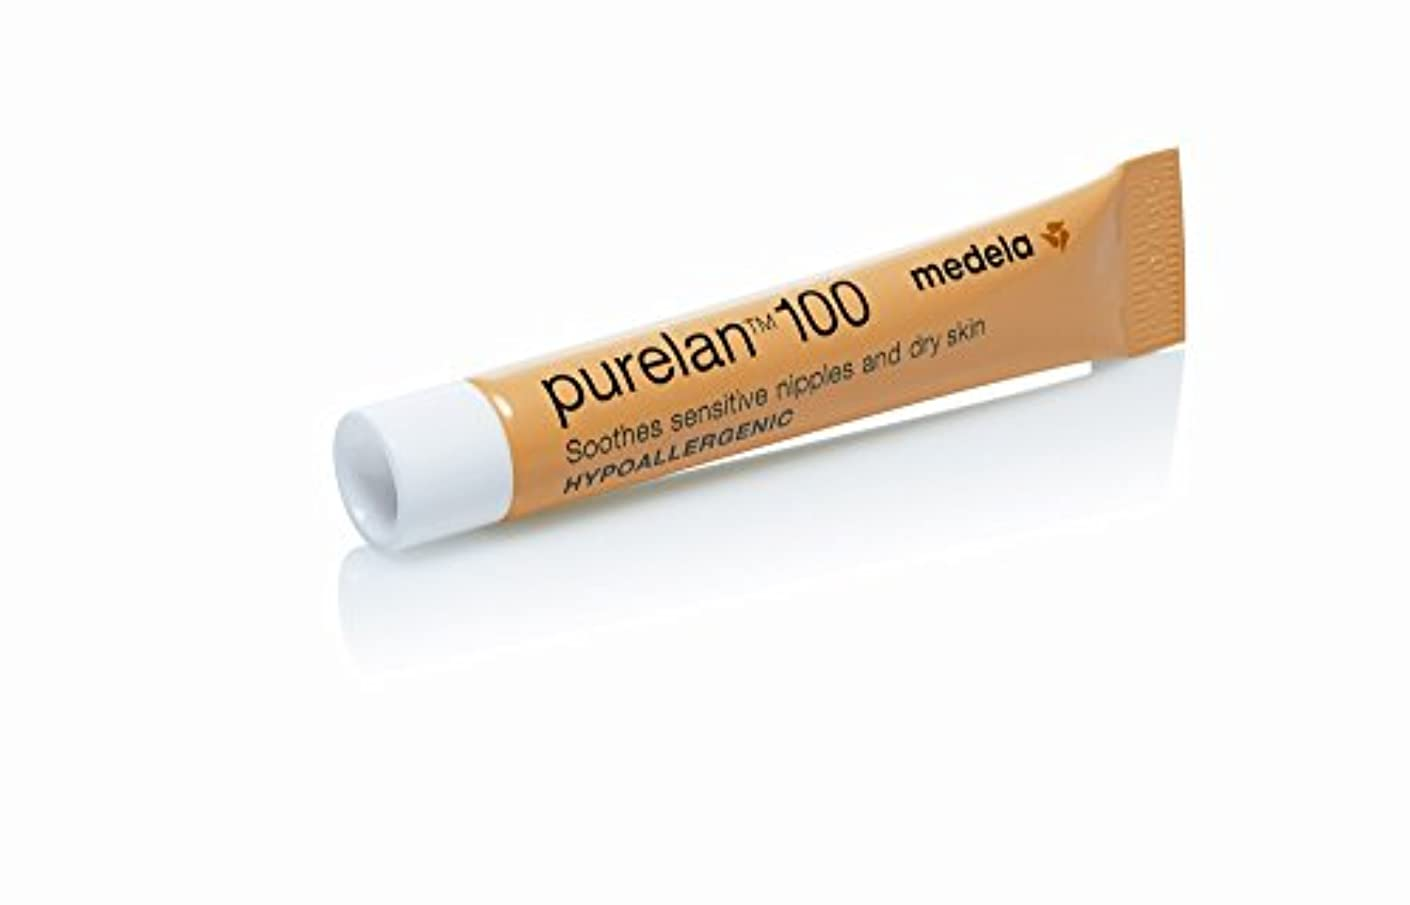 ドラムモスク略すMedela メデラ 乳頭保護クリーム ピュアレーン100 7g 天然ラノリン 100% (008.0018)